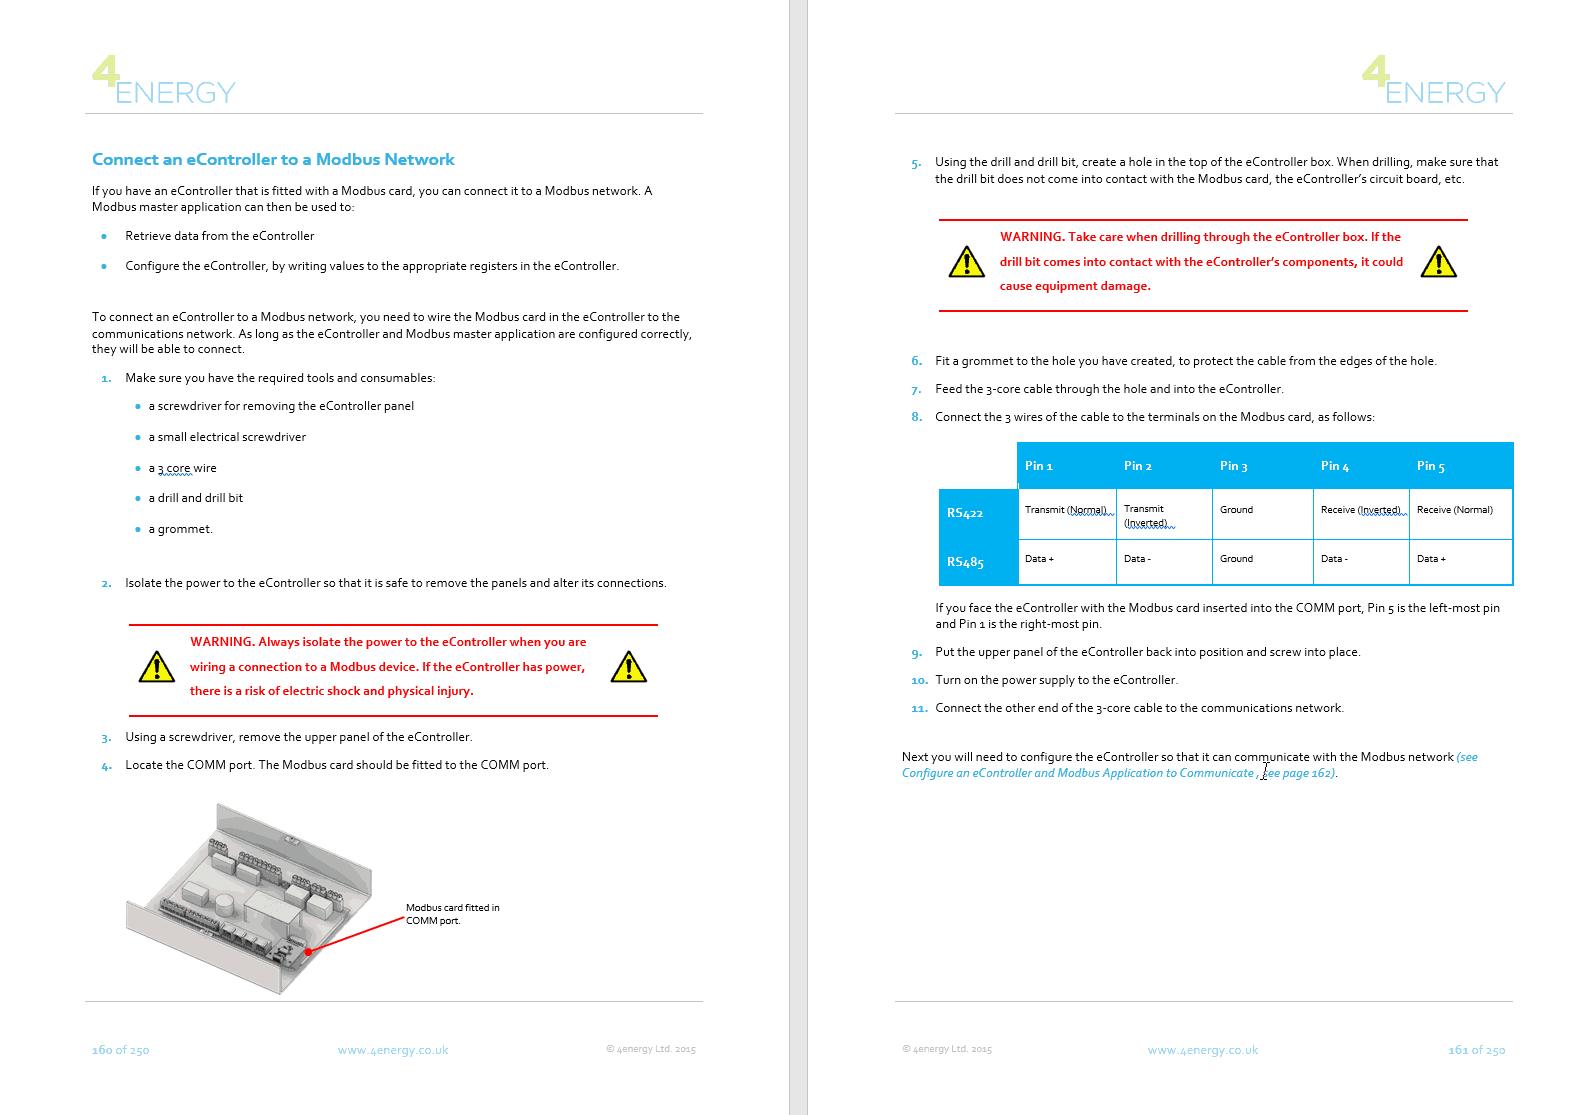 4Energy documentation